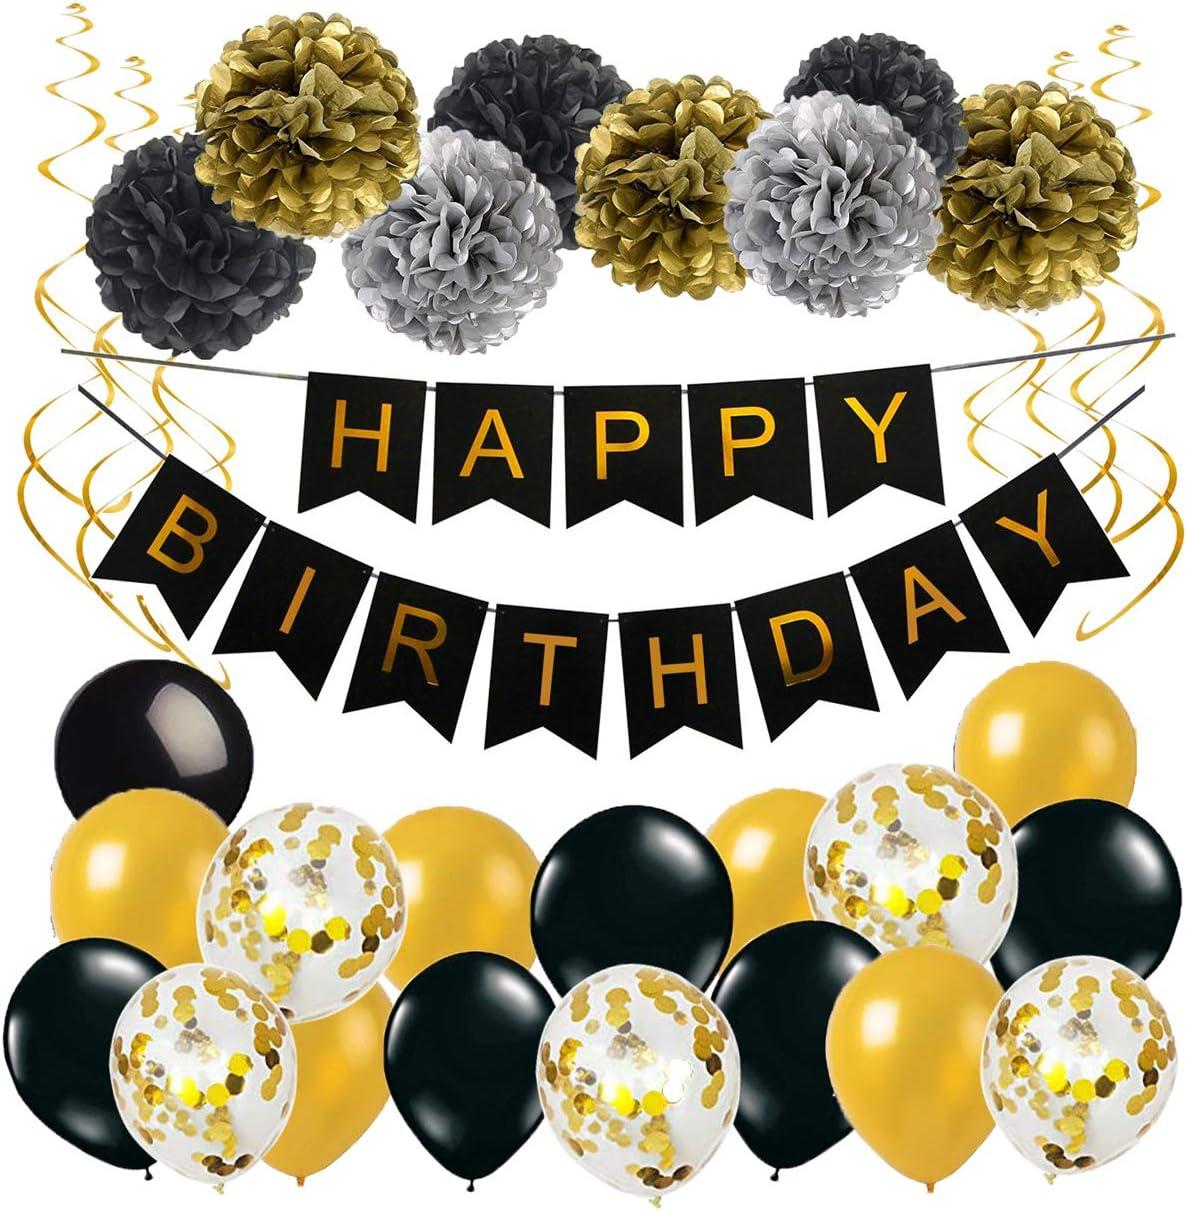 Geburtstag Deko Happy Birthday Girlande Spiralen Deko Pompoms Und Luftballons Gold Schwarz Mit Gold Konfetti Ballons Für Geburtstag Partydeko Set 32 Stück Amazon De Spielzeug